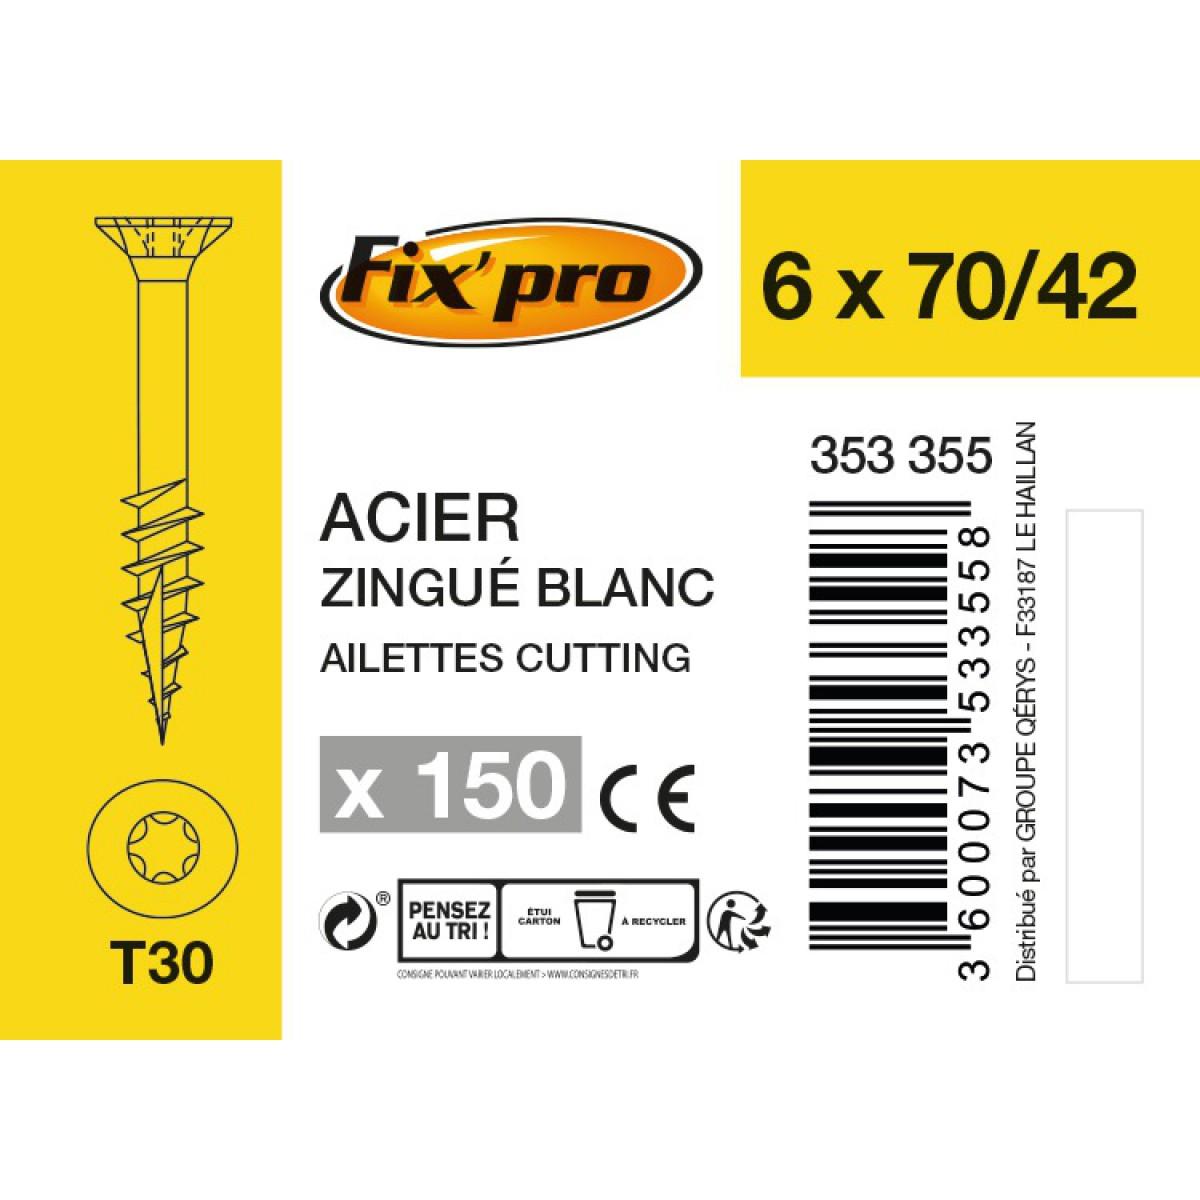 Vis à bois tête fraisée TX - 6x70/42 - 150pces - Fixpro